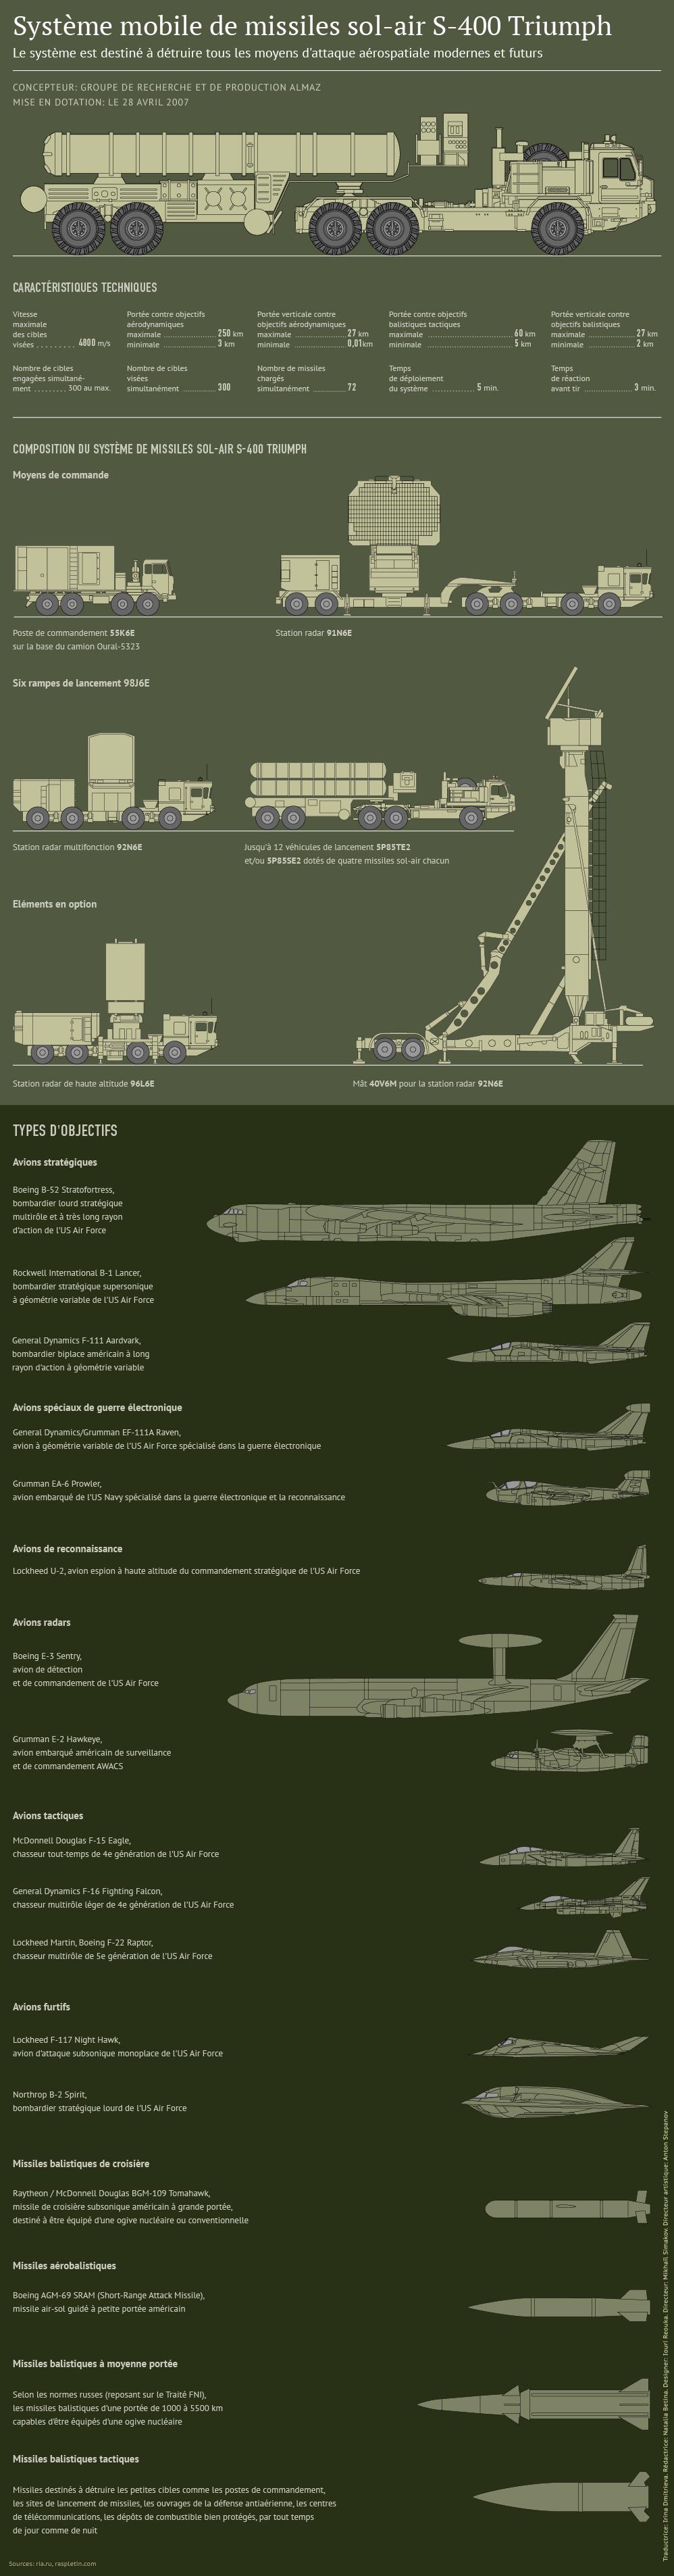 Missile S-400 Triumph